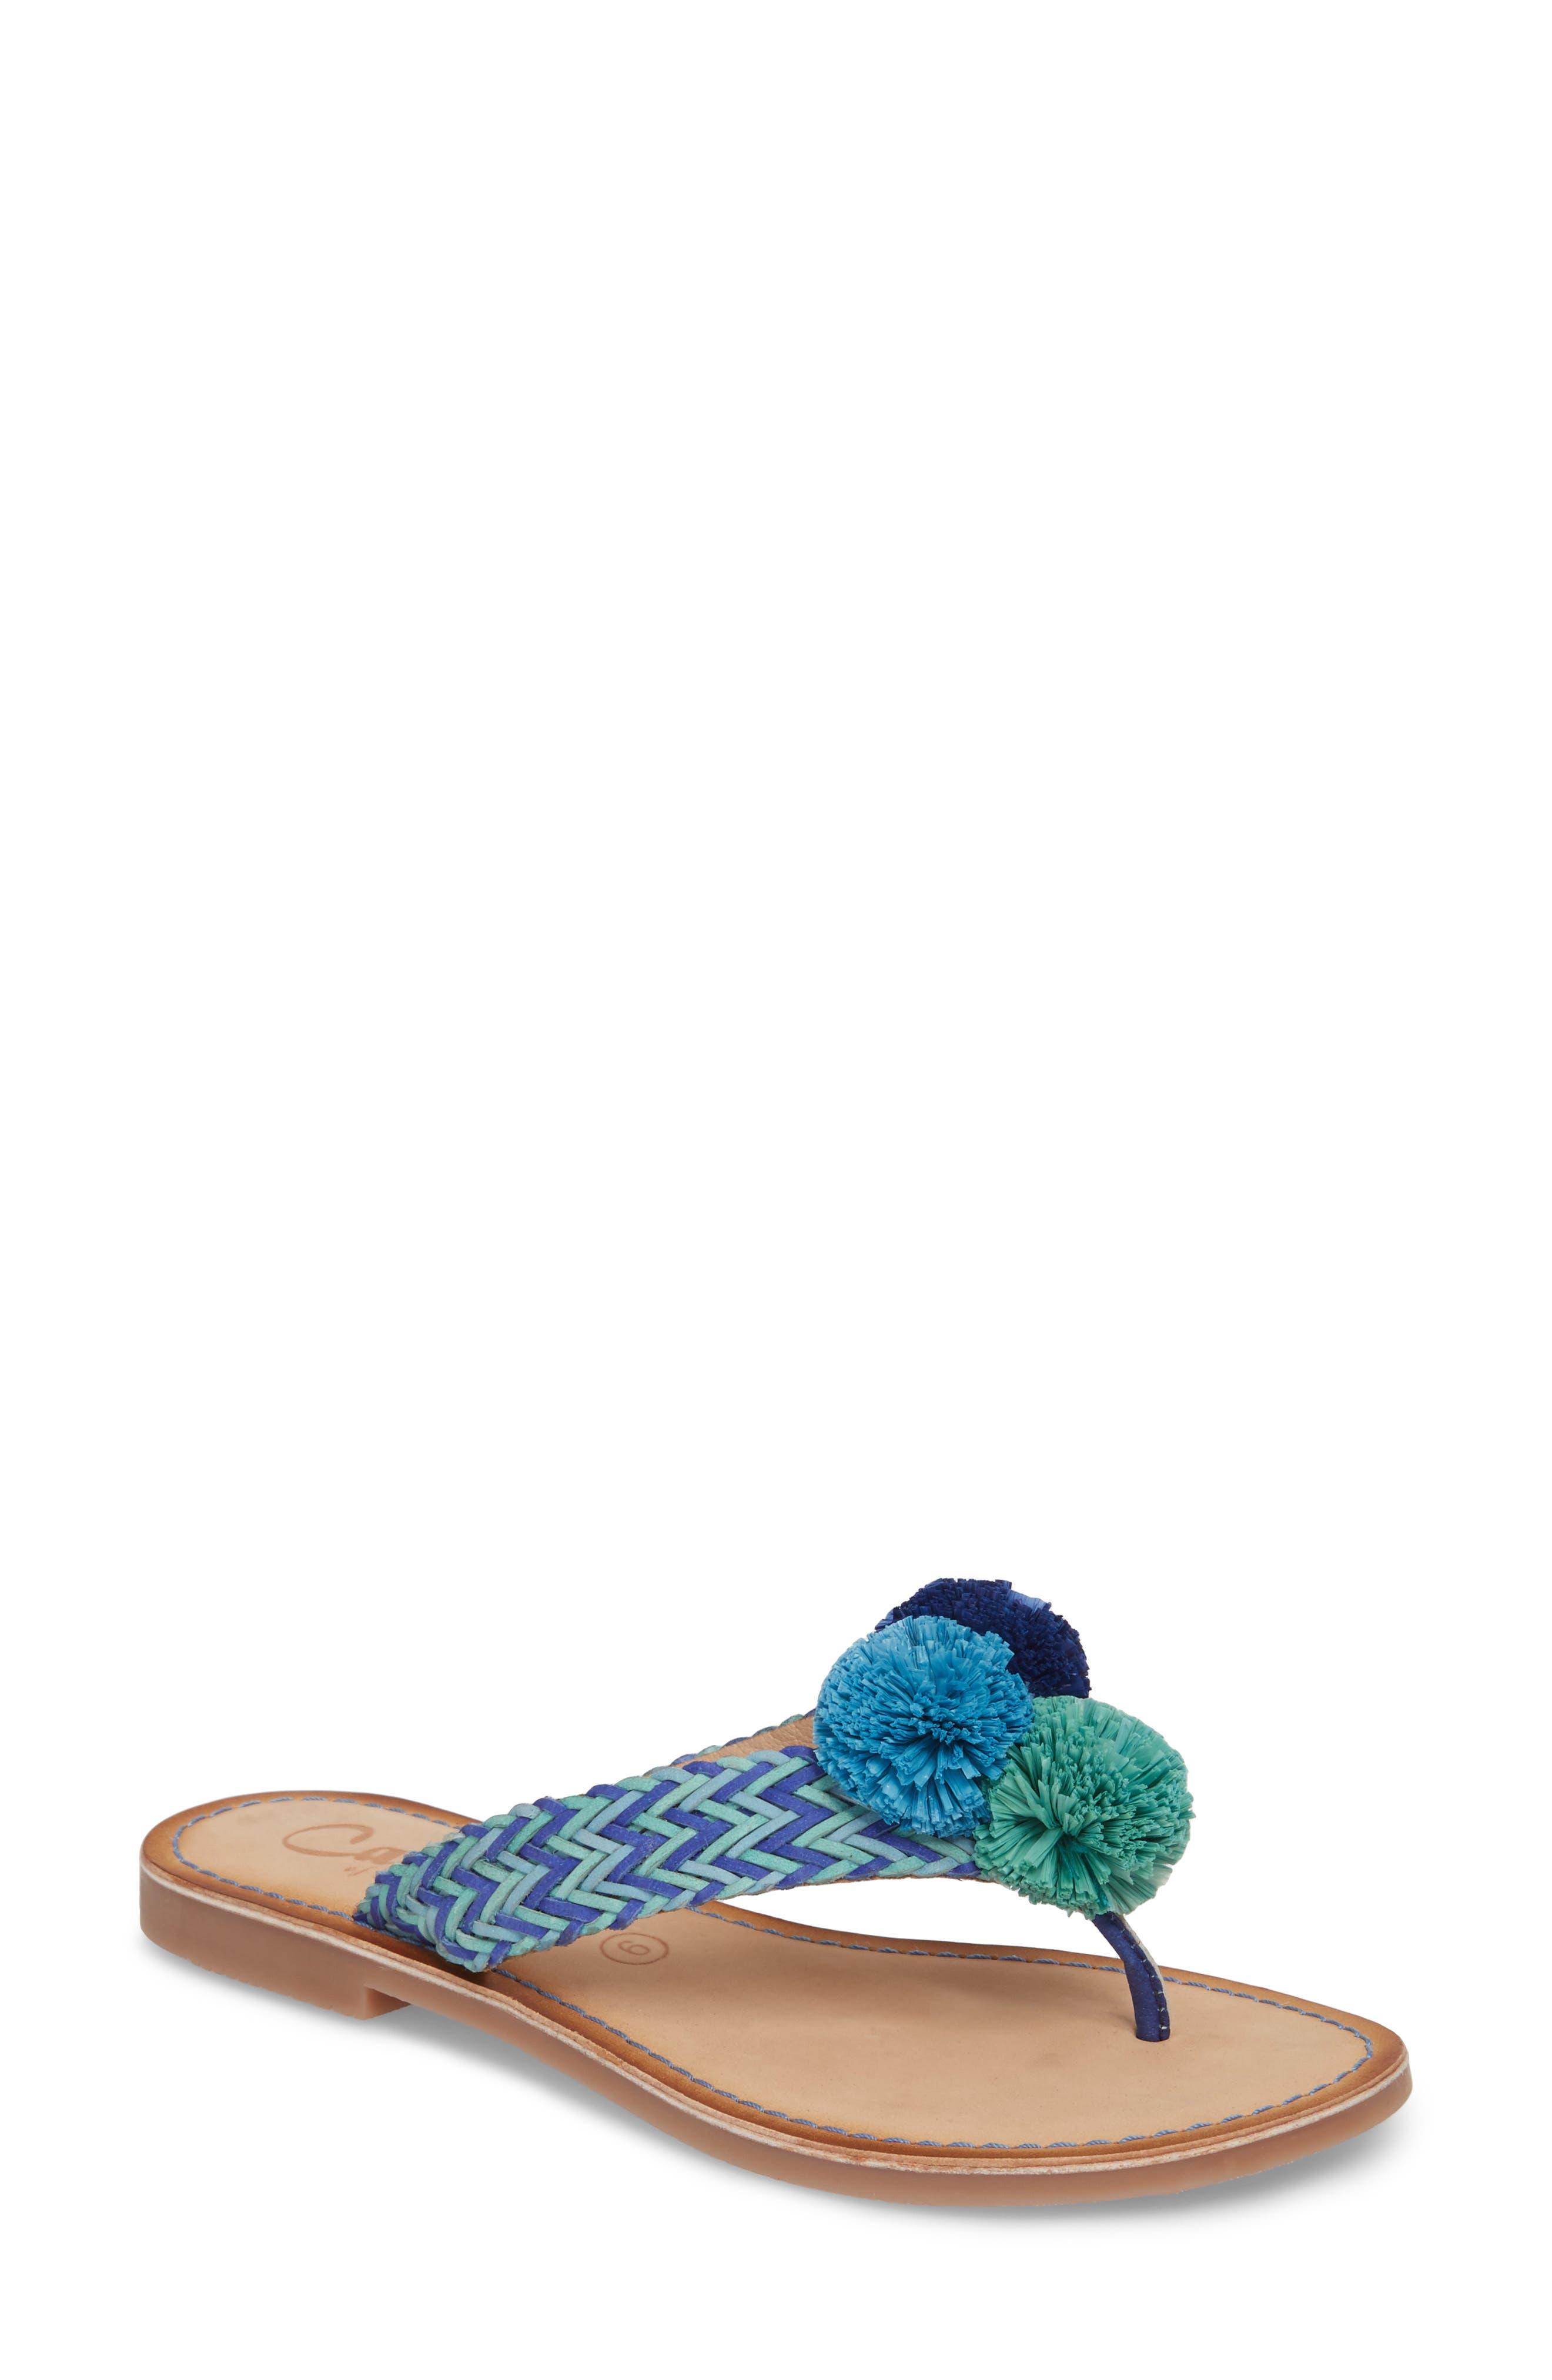 Pomm Flip Flop,                             Main thumbnail 1, color,                             Blue Leather